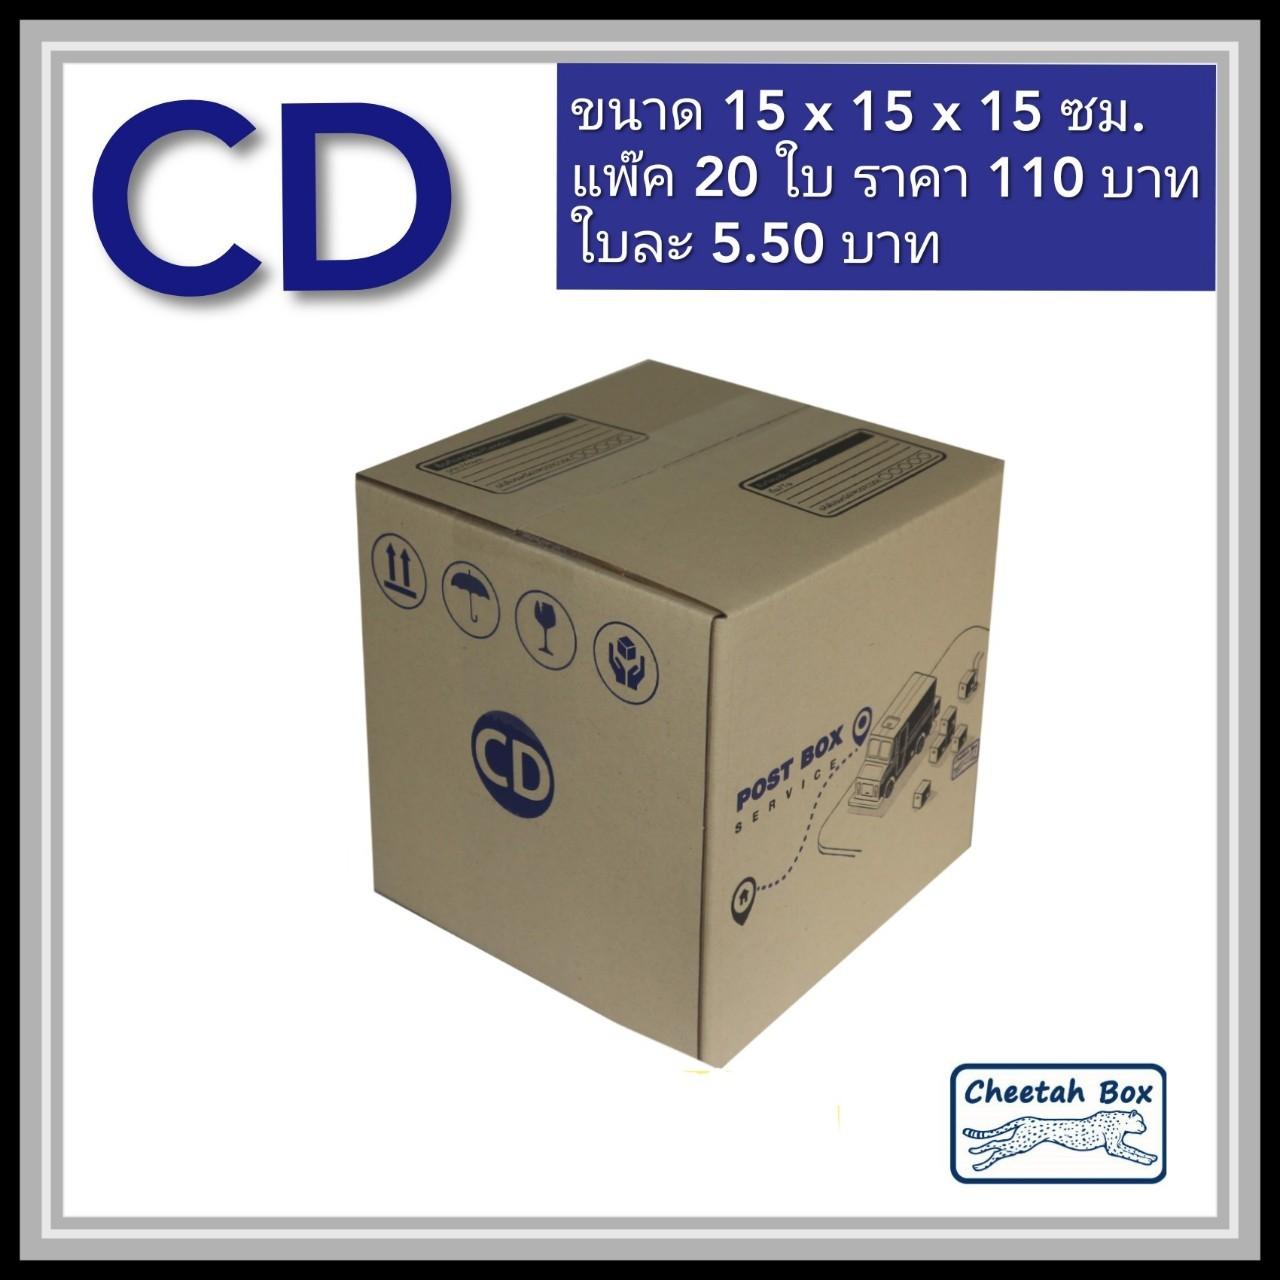 กล่องไปรษณีย์ CD (Cheetah Box ขนาด 15*315*15 CM)